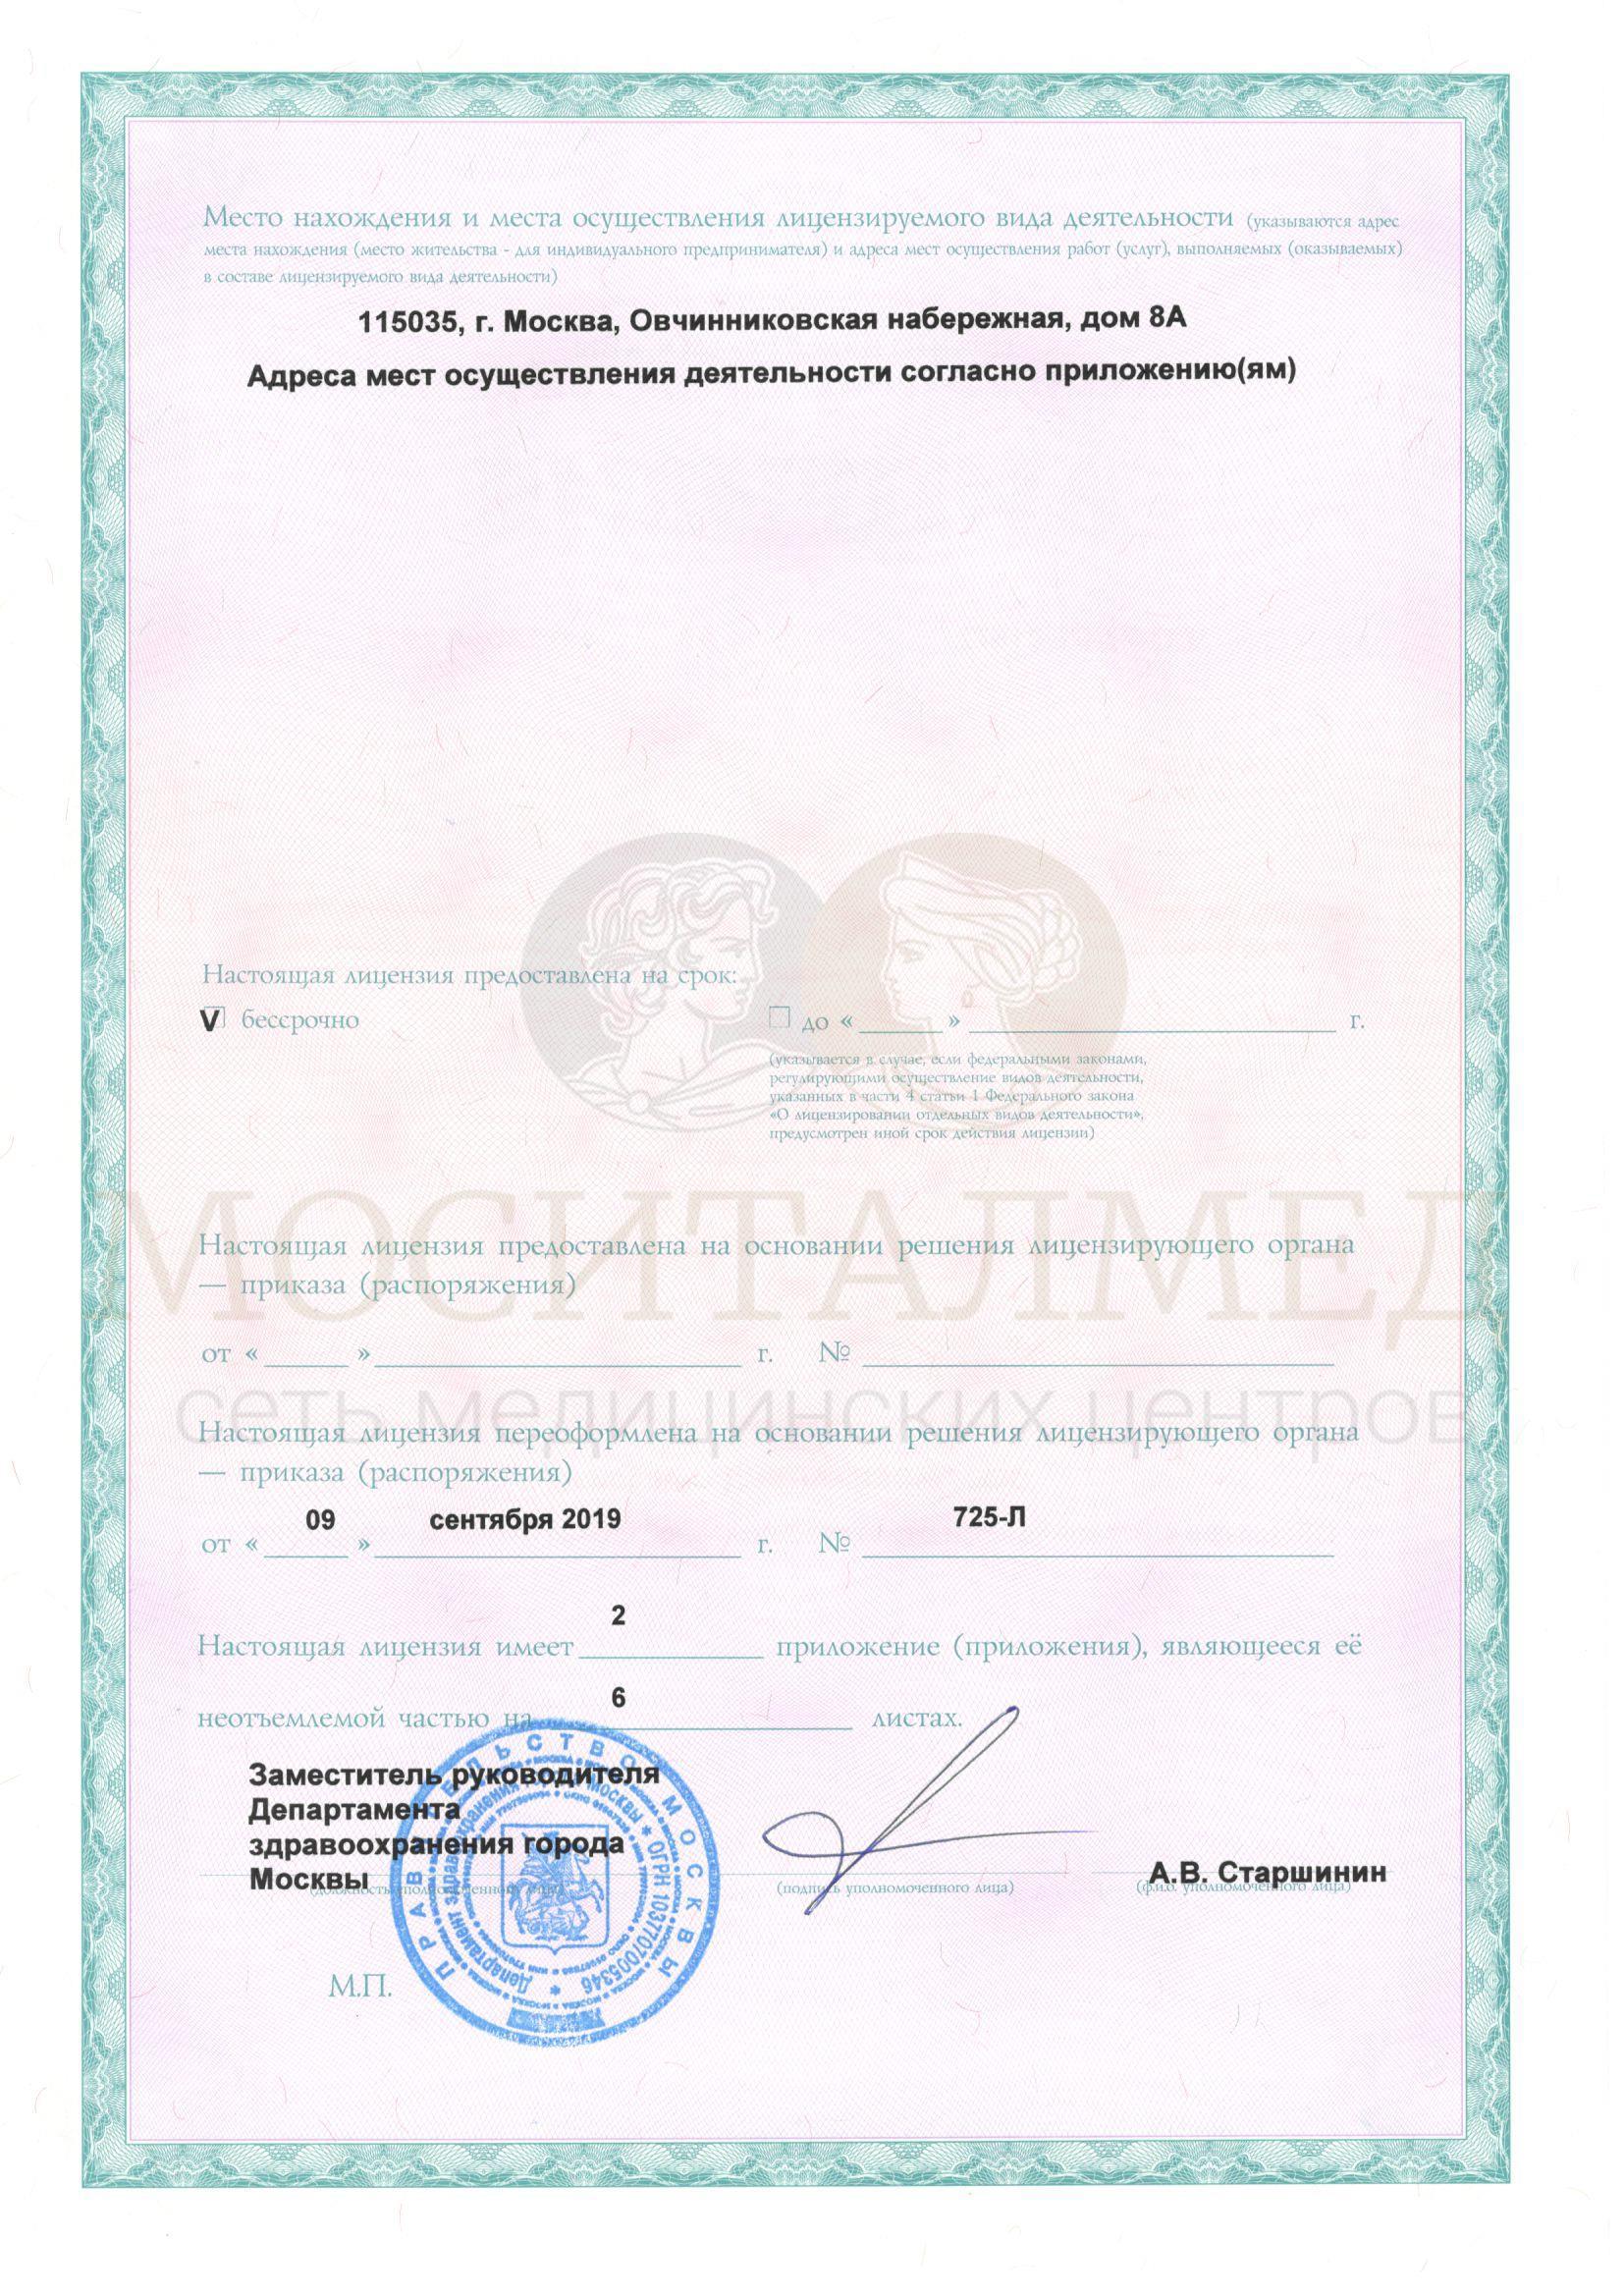 Выдача больничных листов в Москве Лефортово